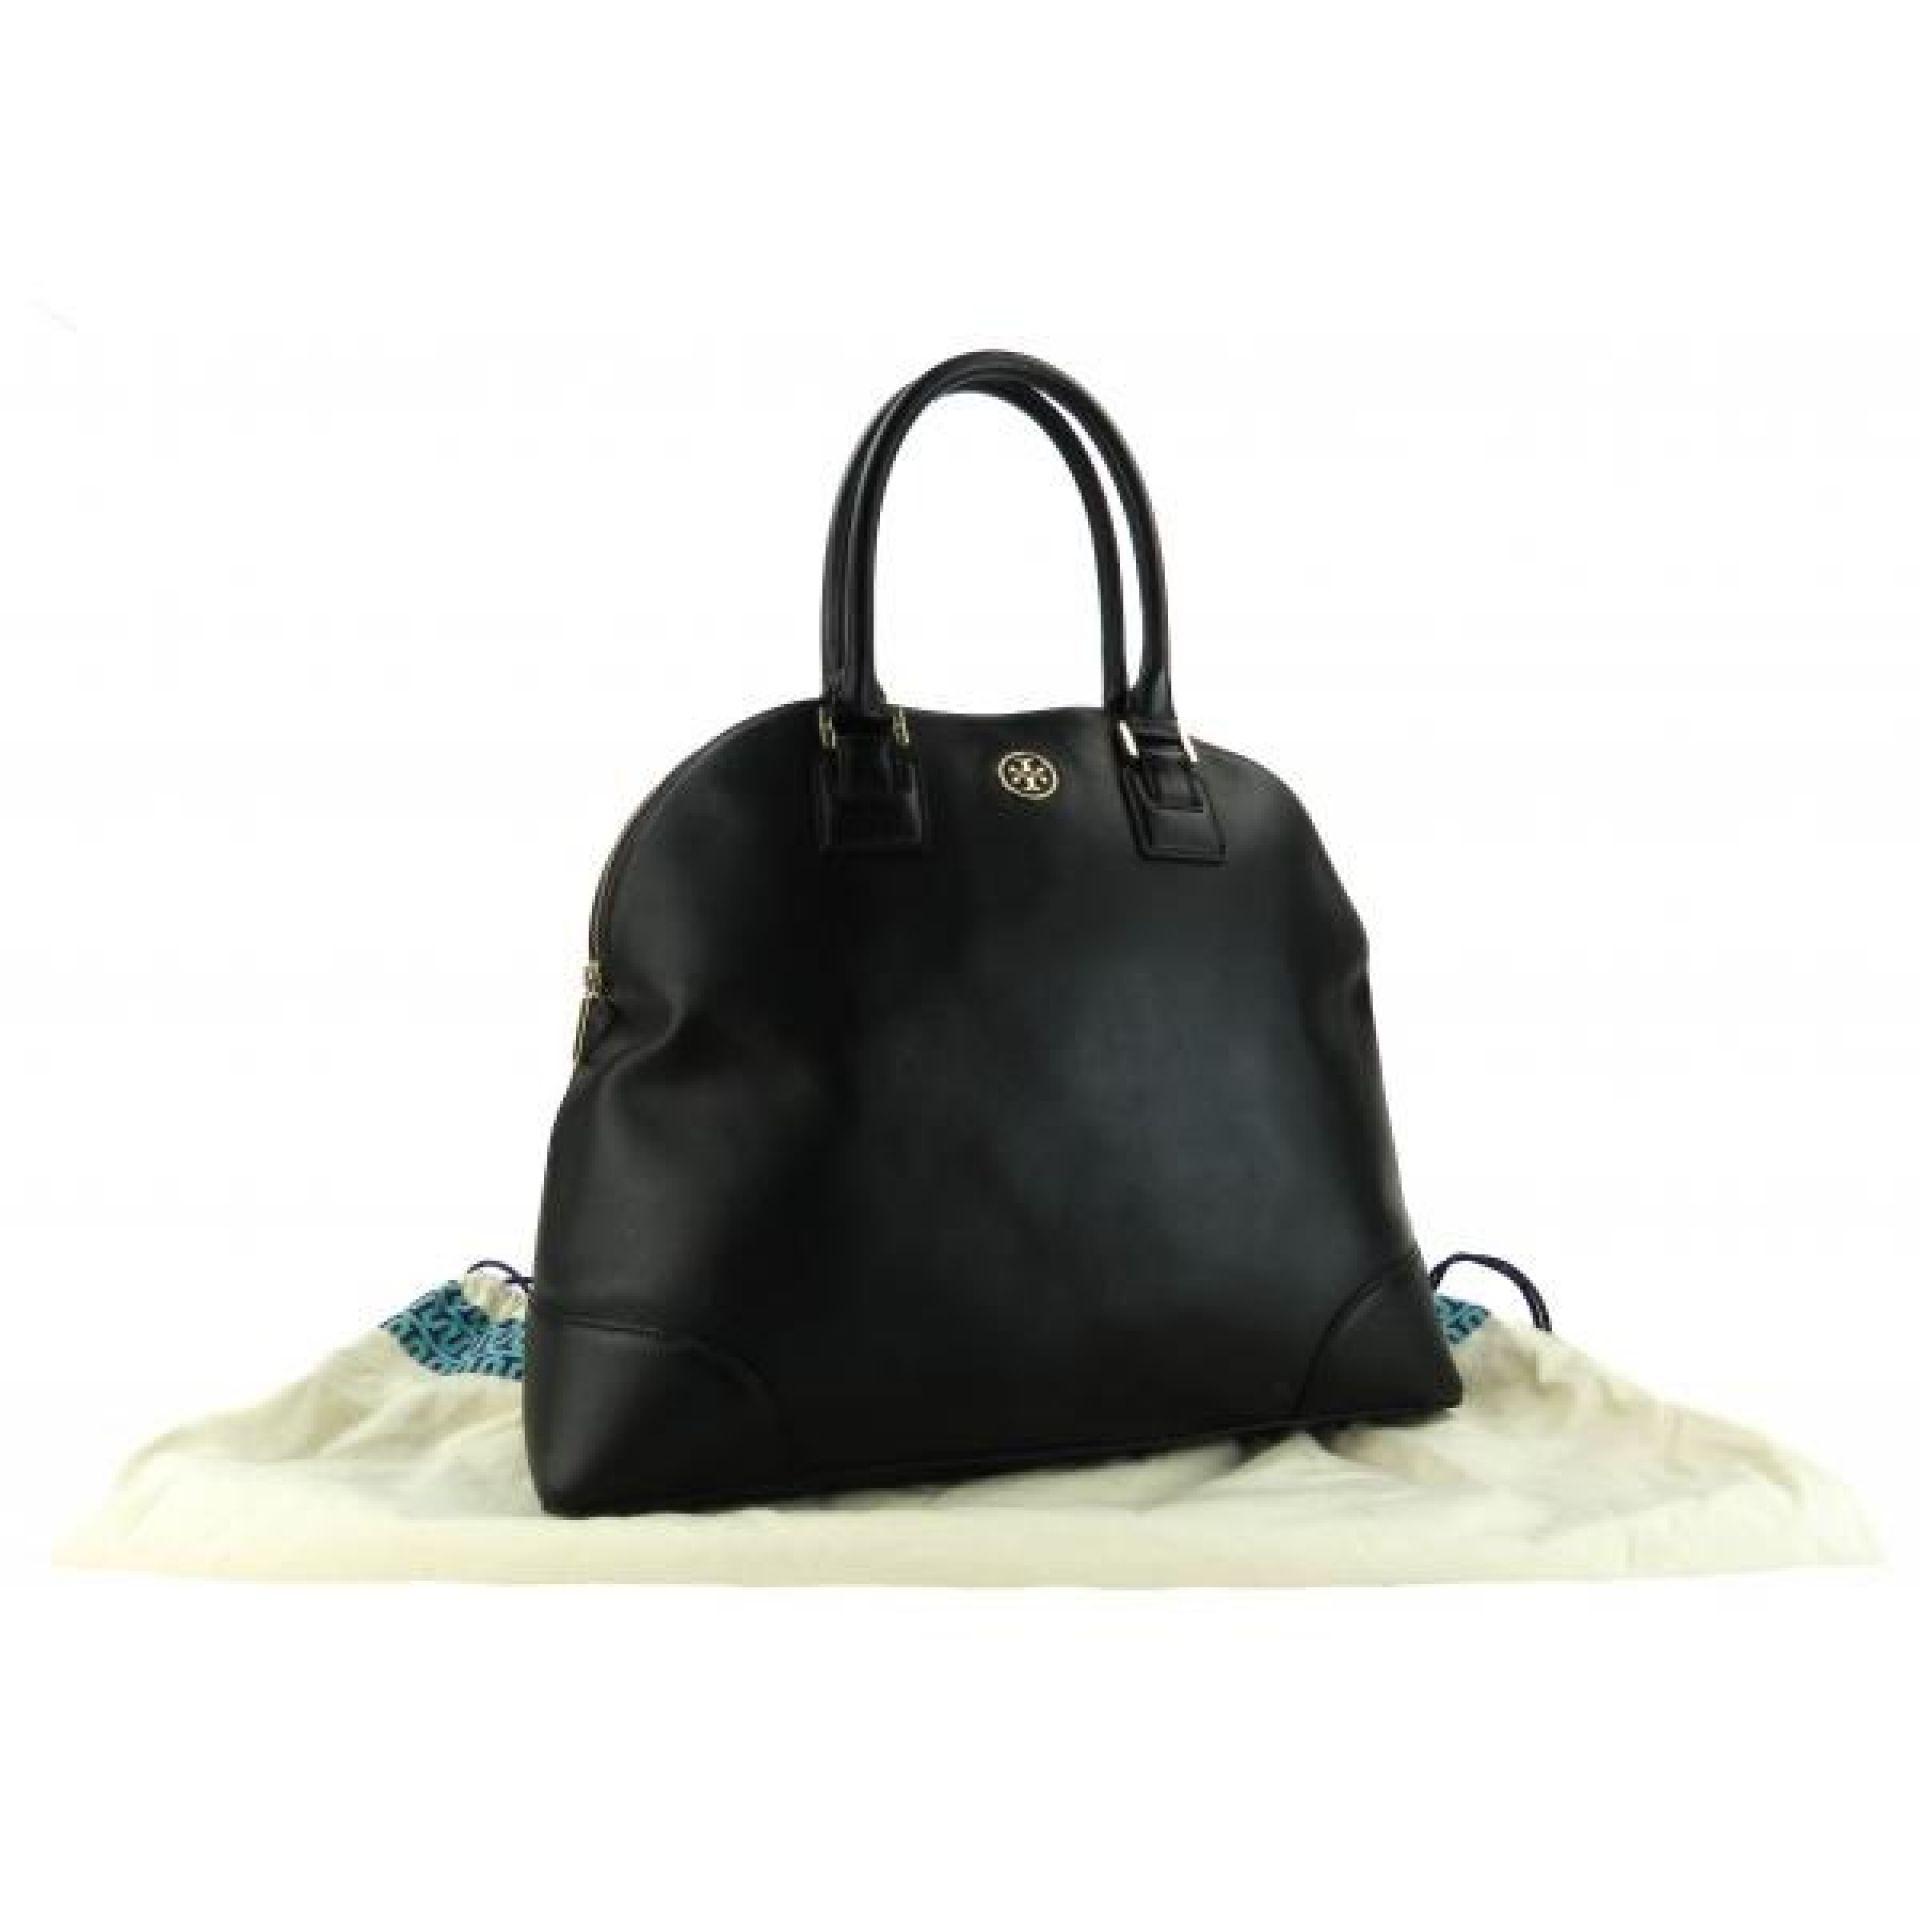 Tory Burch Black Saffiano Leather Robinson Dome Tote Bag